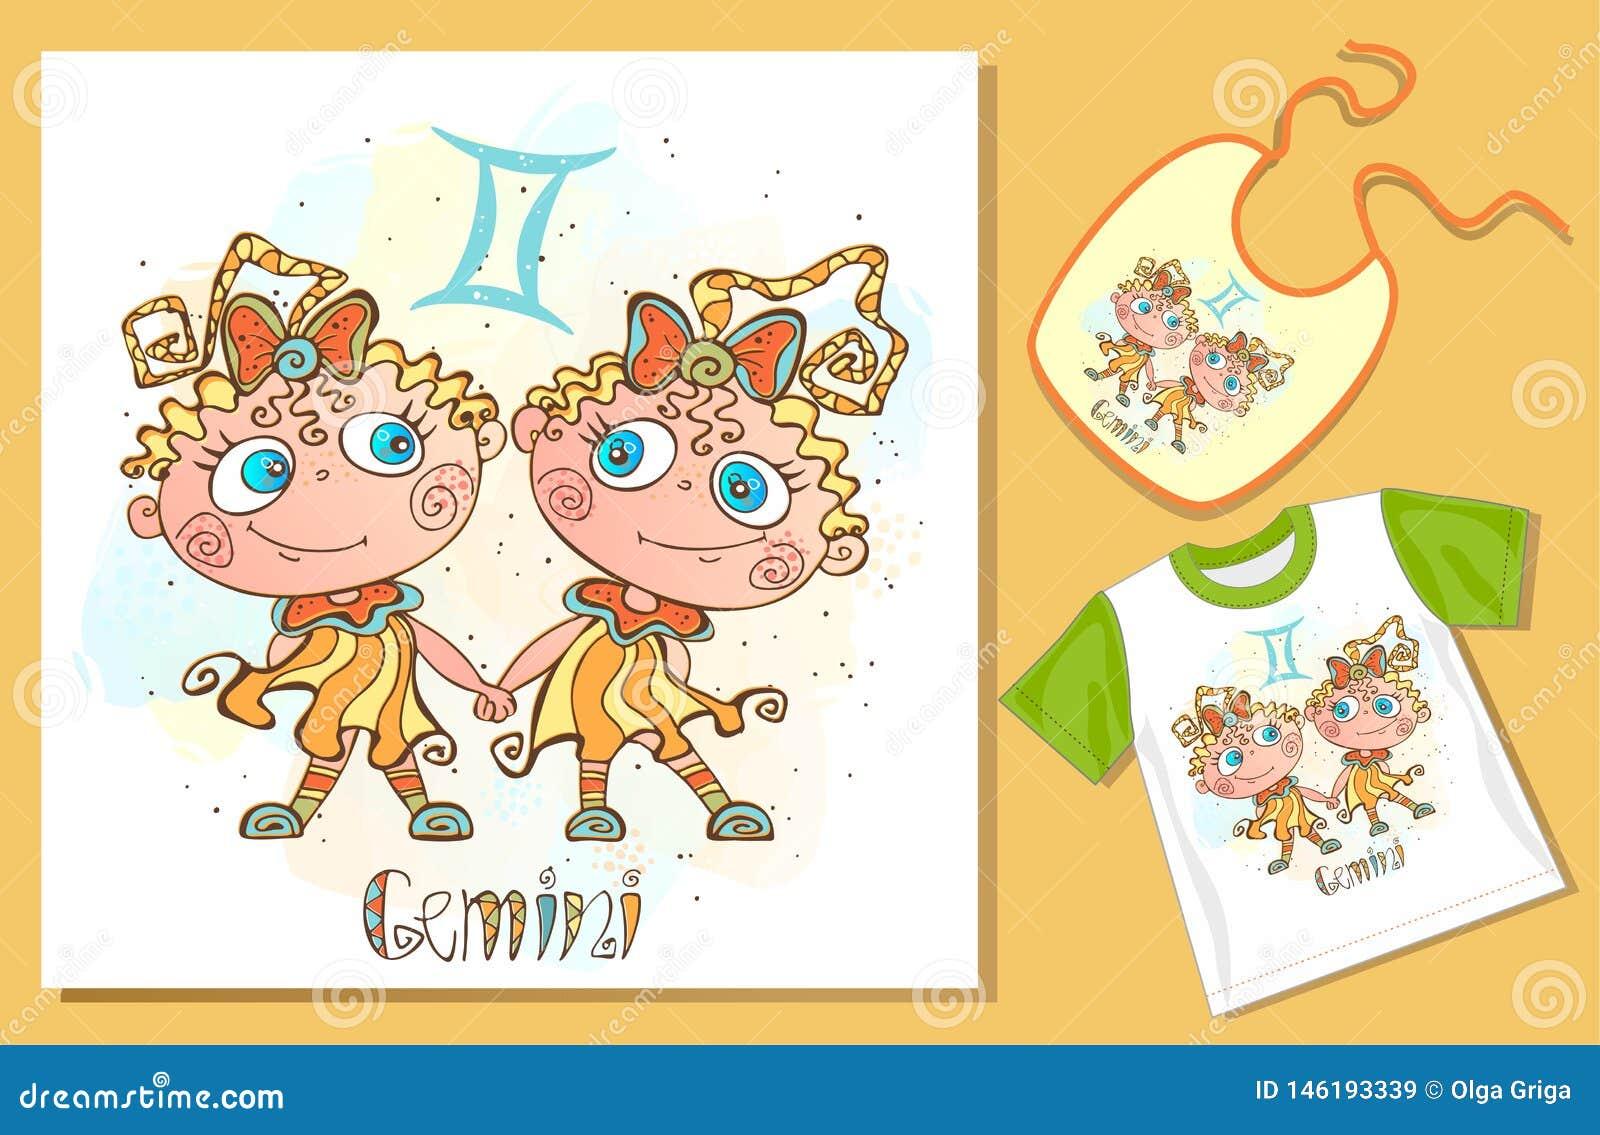 Dziecko zodiak Gemini znak Przyk?ady zastosowanie na koszulce i ?liniaczku wektor